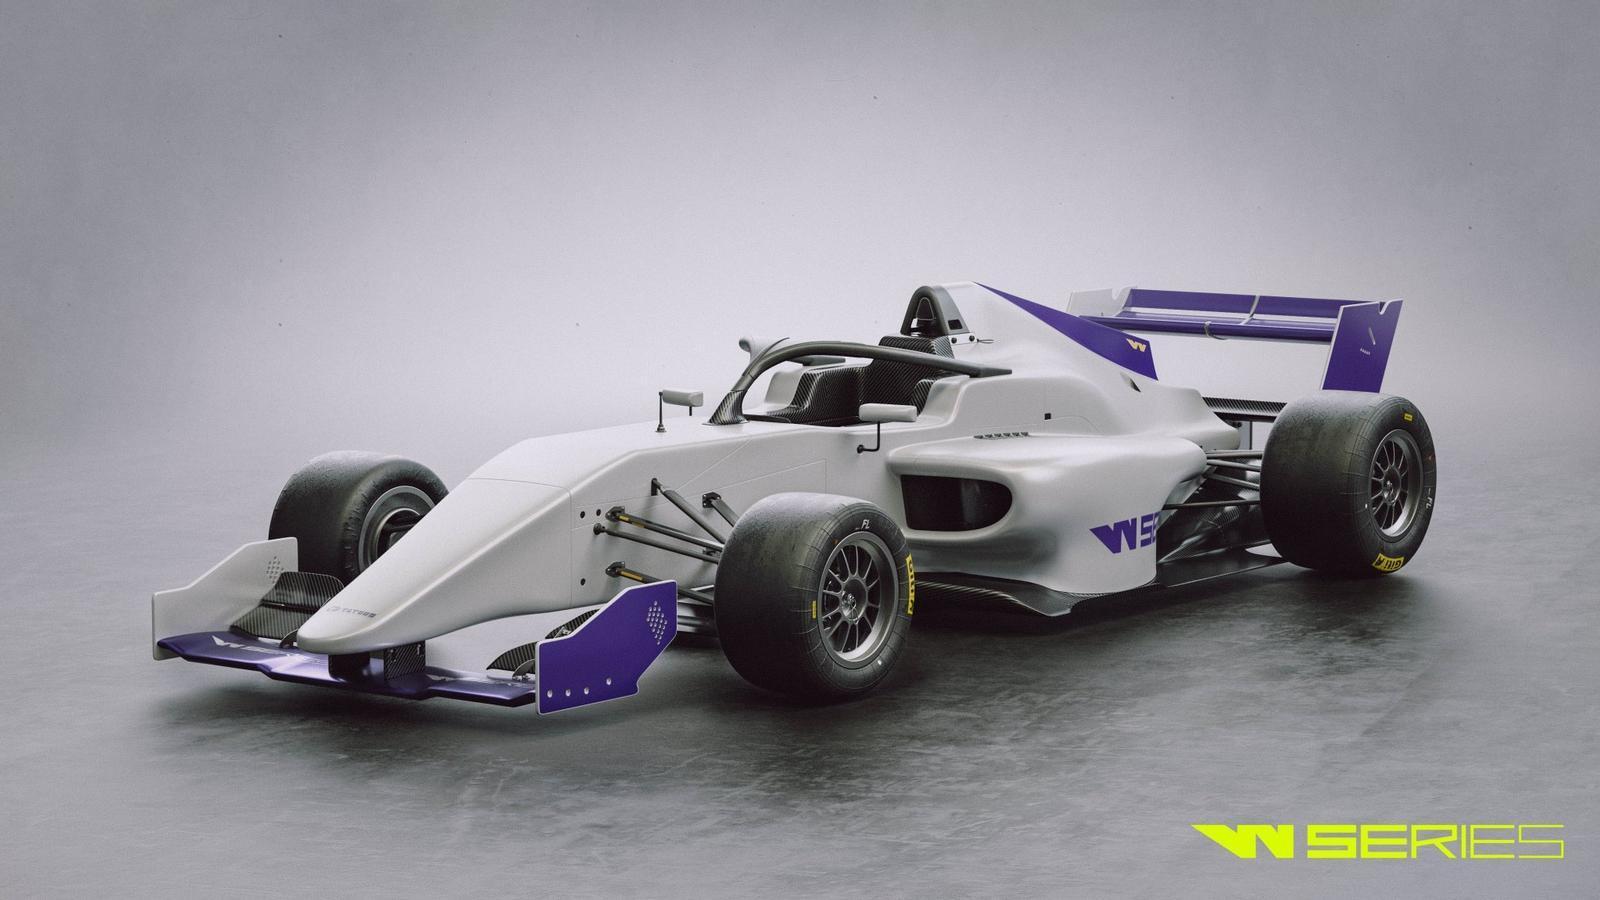 Neixen les W Series, la Fórmula 1 femenina